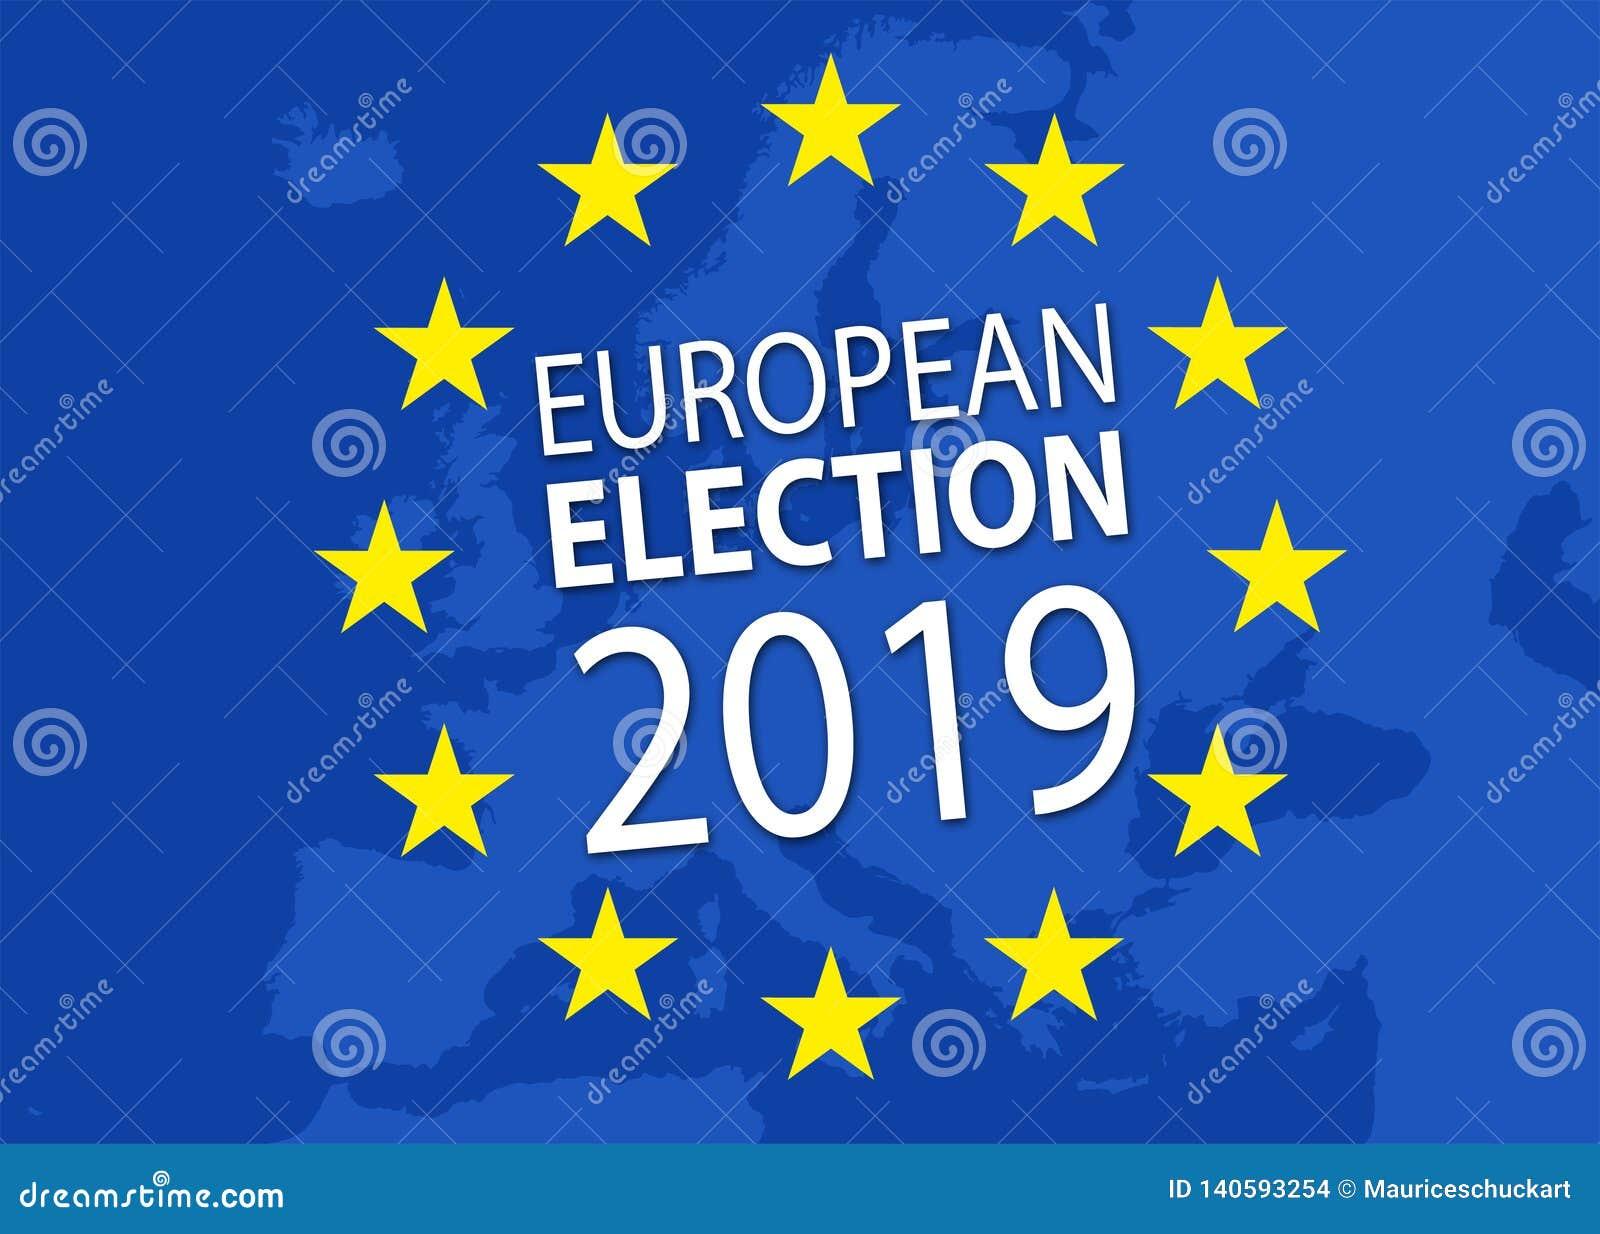 Illustratie voor Europese verkiezing 2019